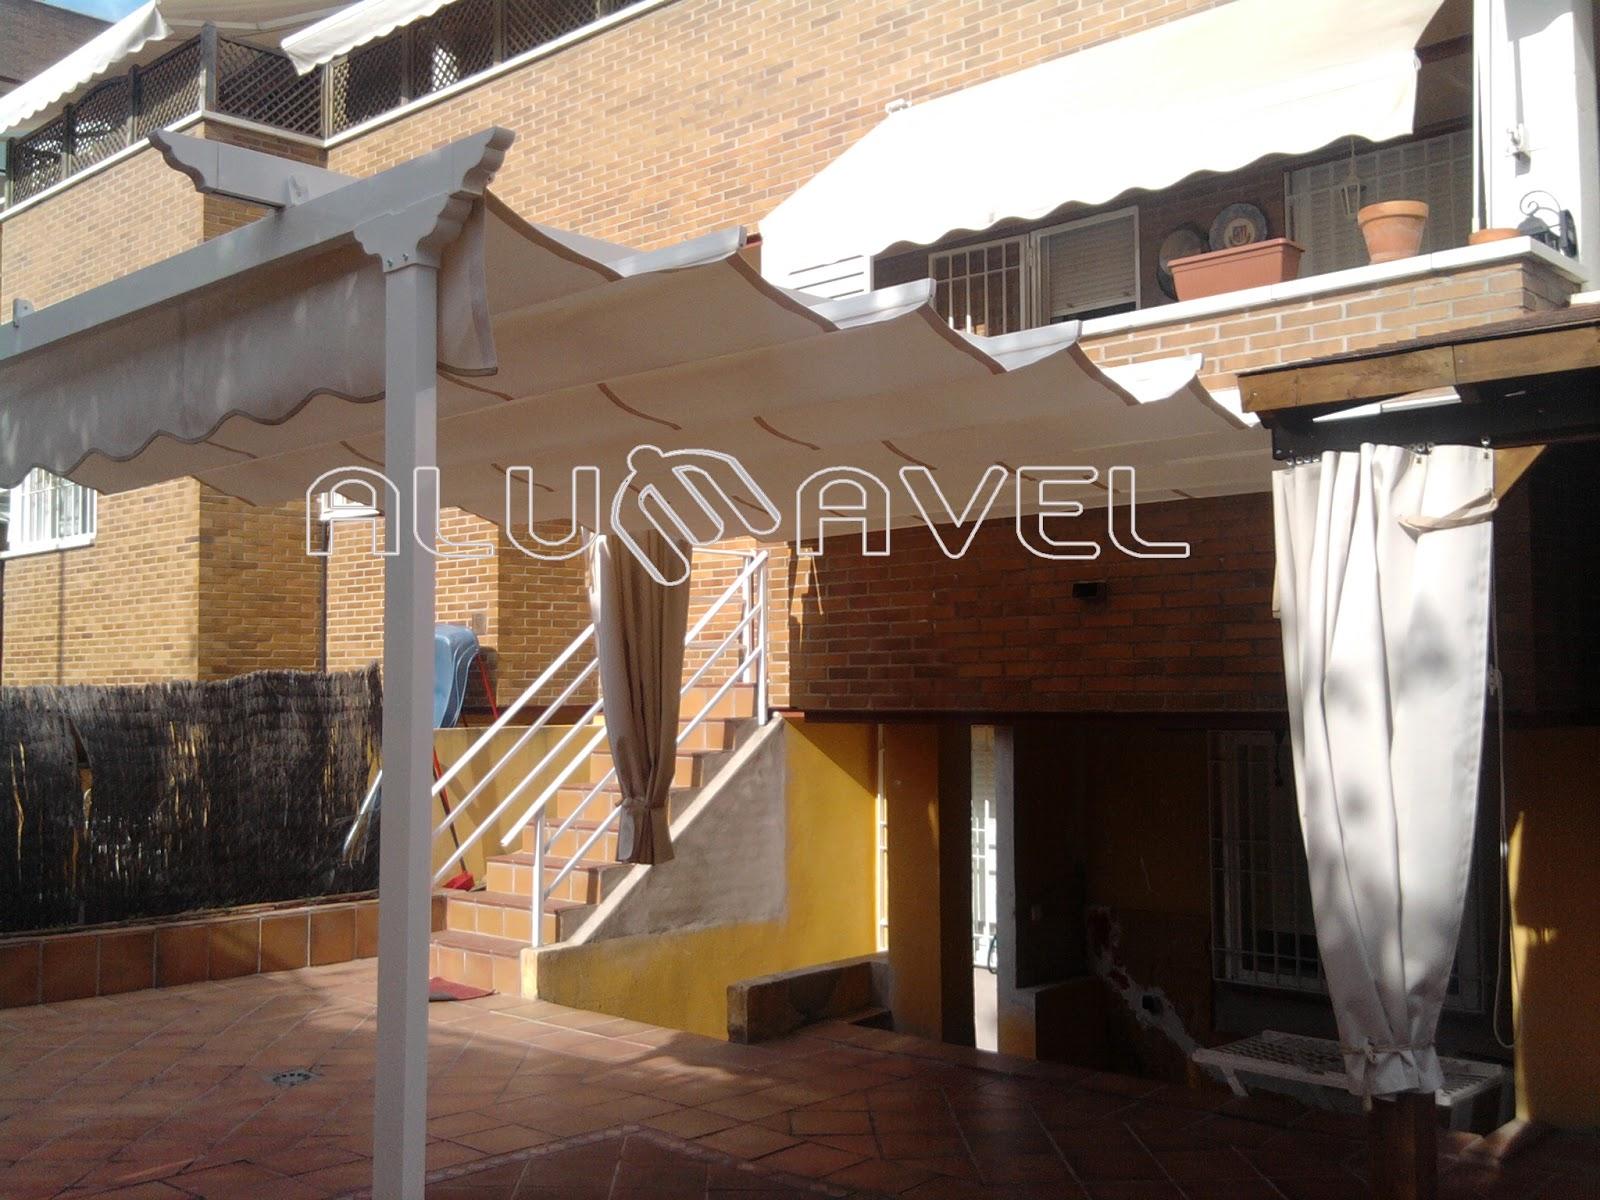 Toldos para patios gallery of toldos para verandas - Toldos para balcones precios ...